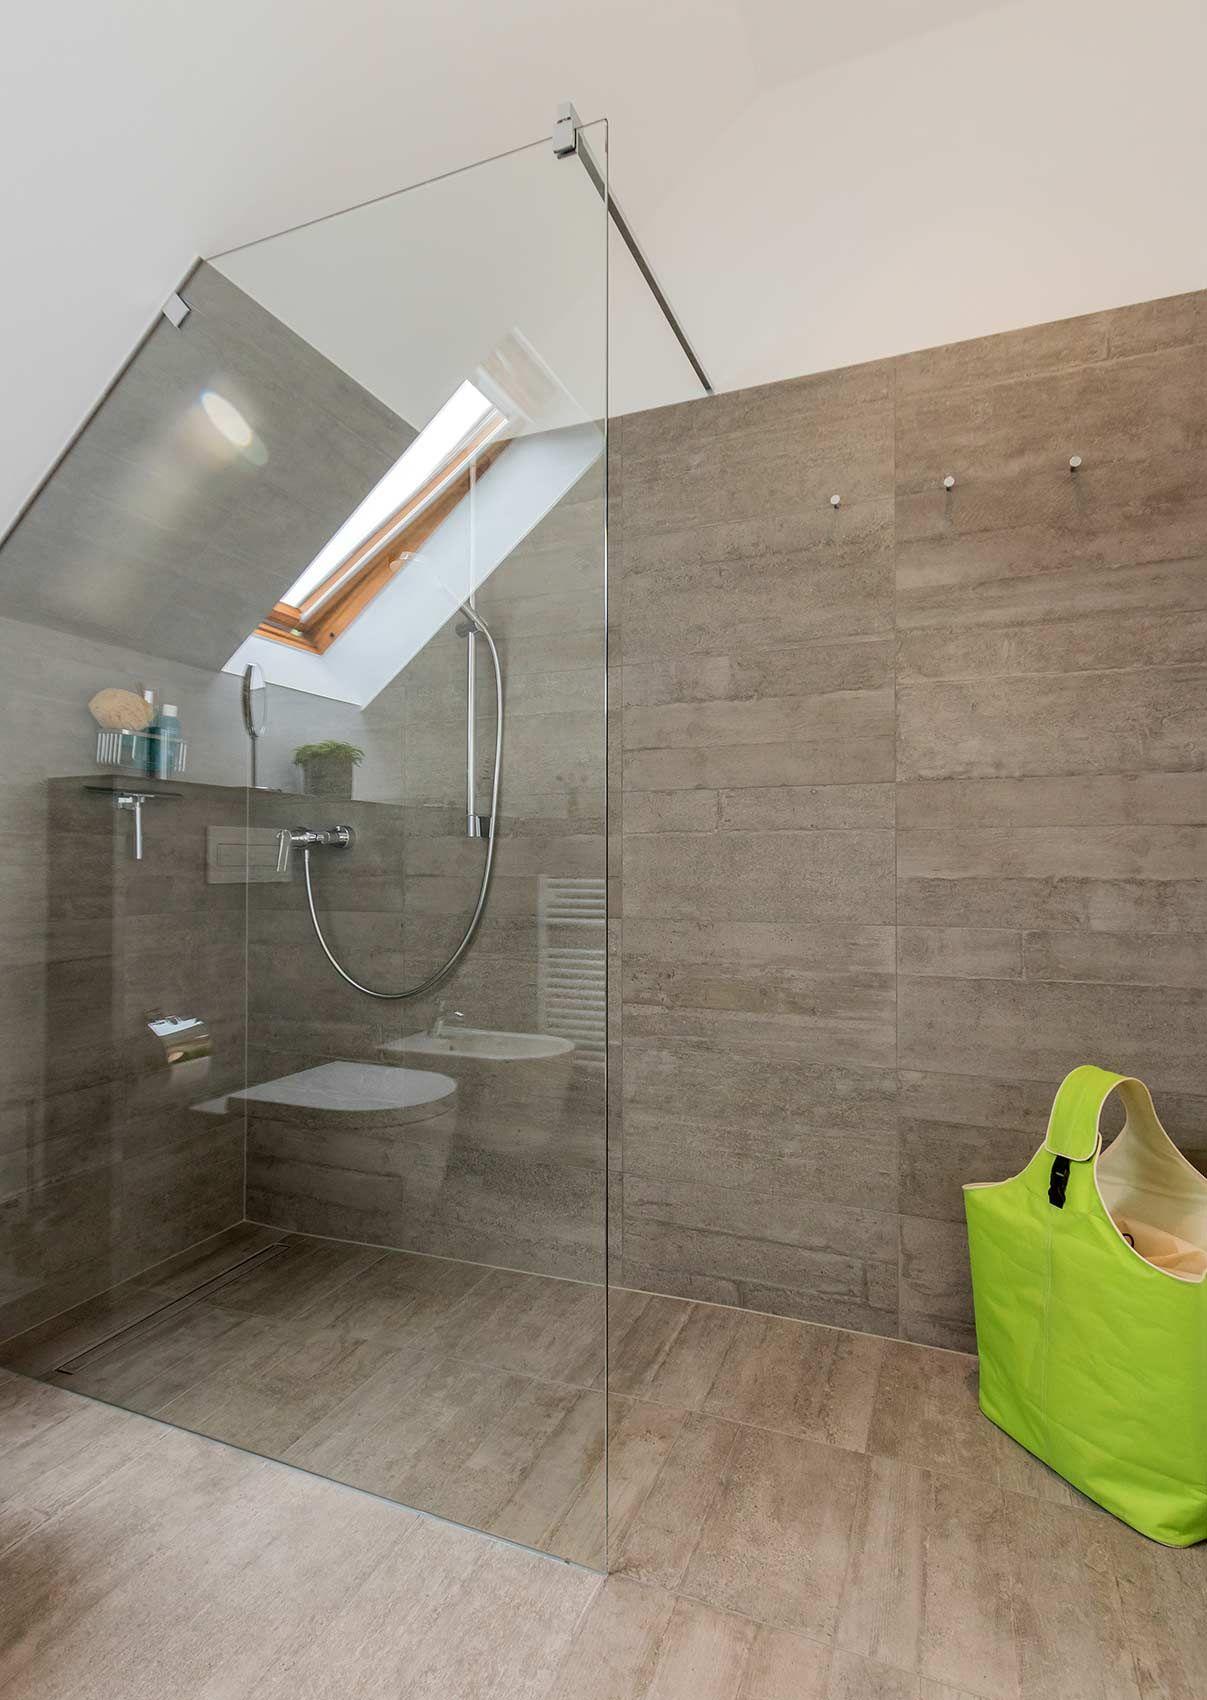 Begehbare Dusche Mit Glaswand, Die An Dachschräge Angepasst Ist